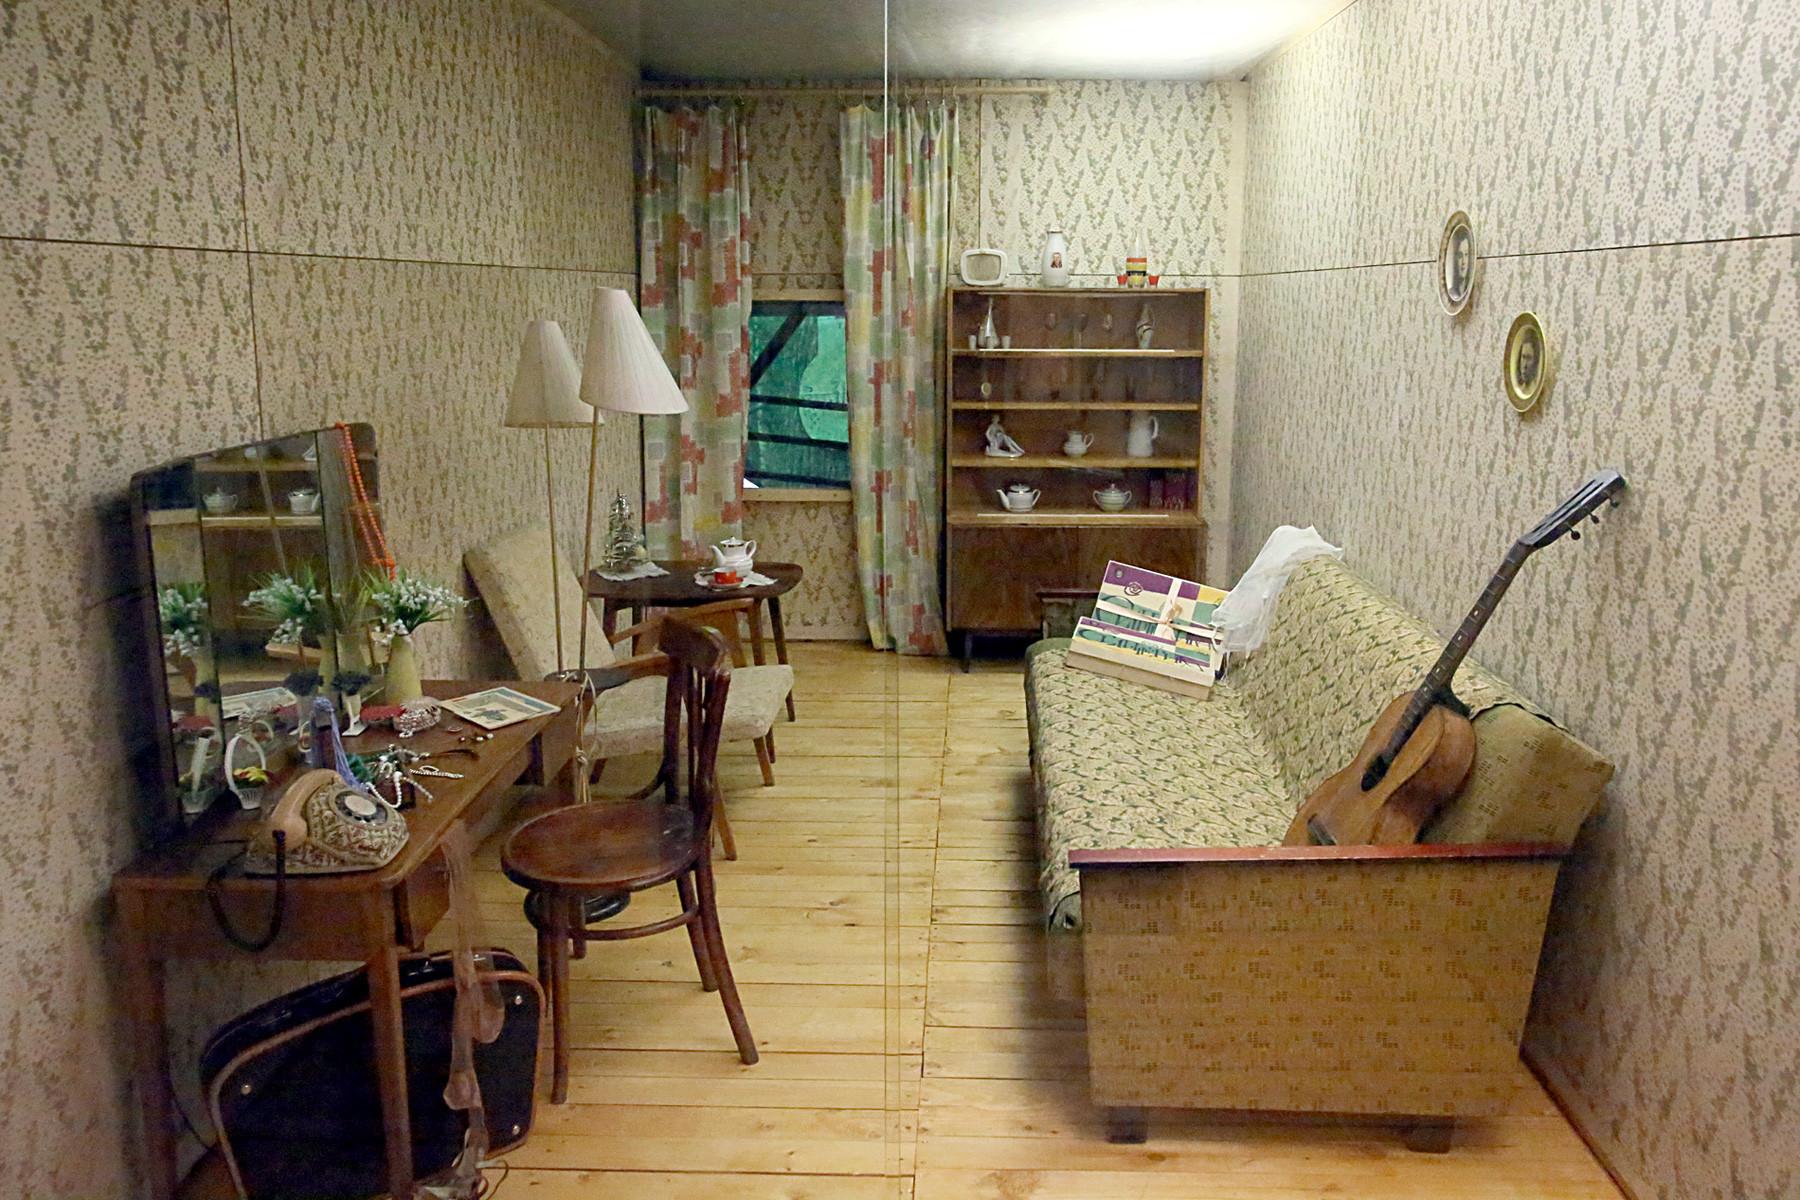 Dnevna soba iz 80. let 20. stoletja.